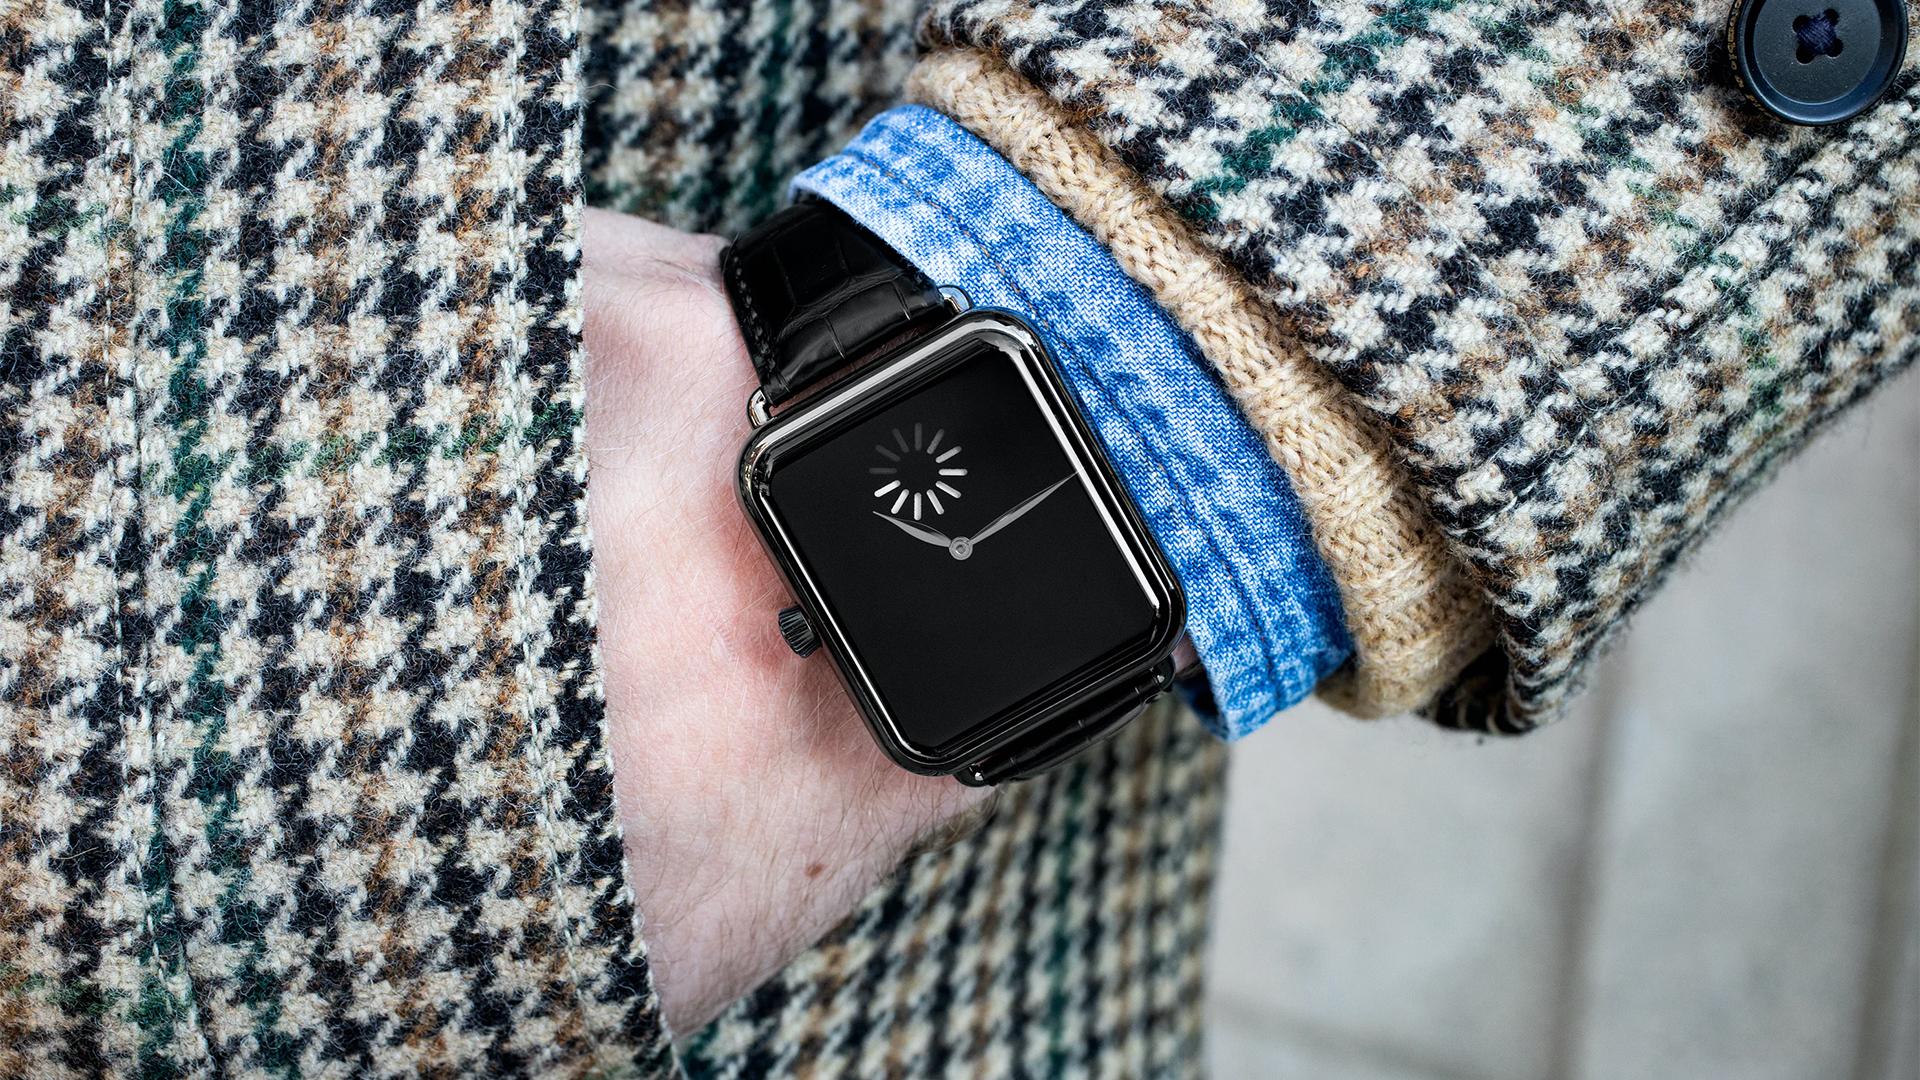 Úgy néz ki, mint egy Apple-óra, de ötvenszer annyiba kerül